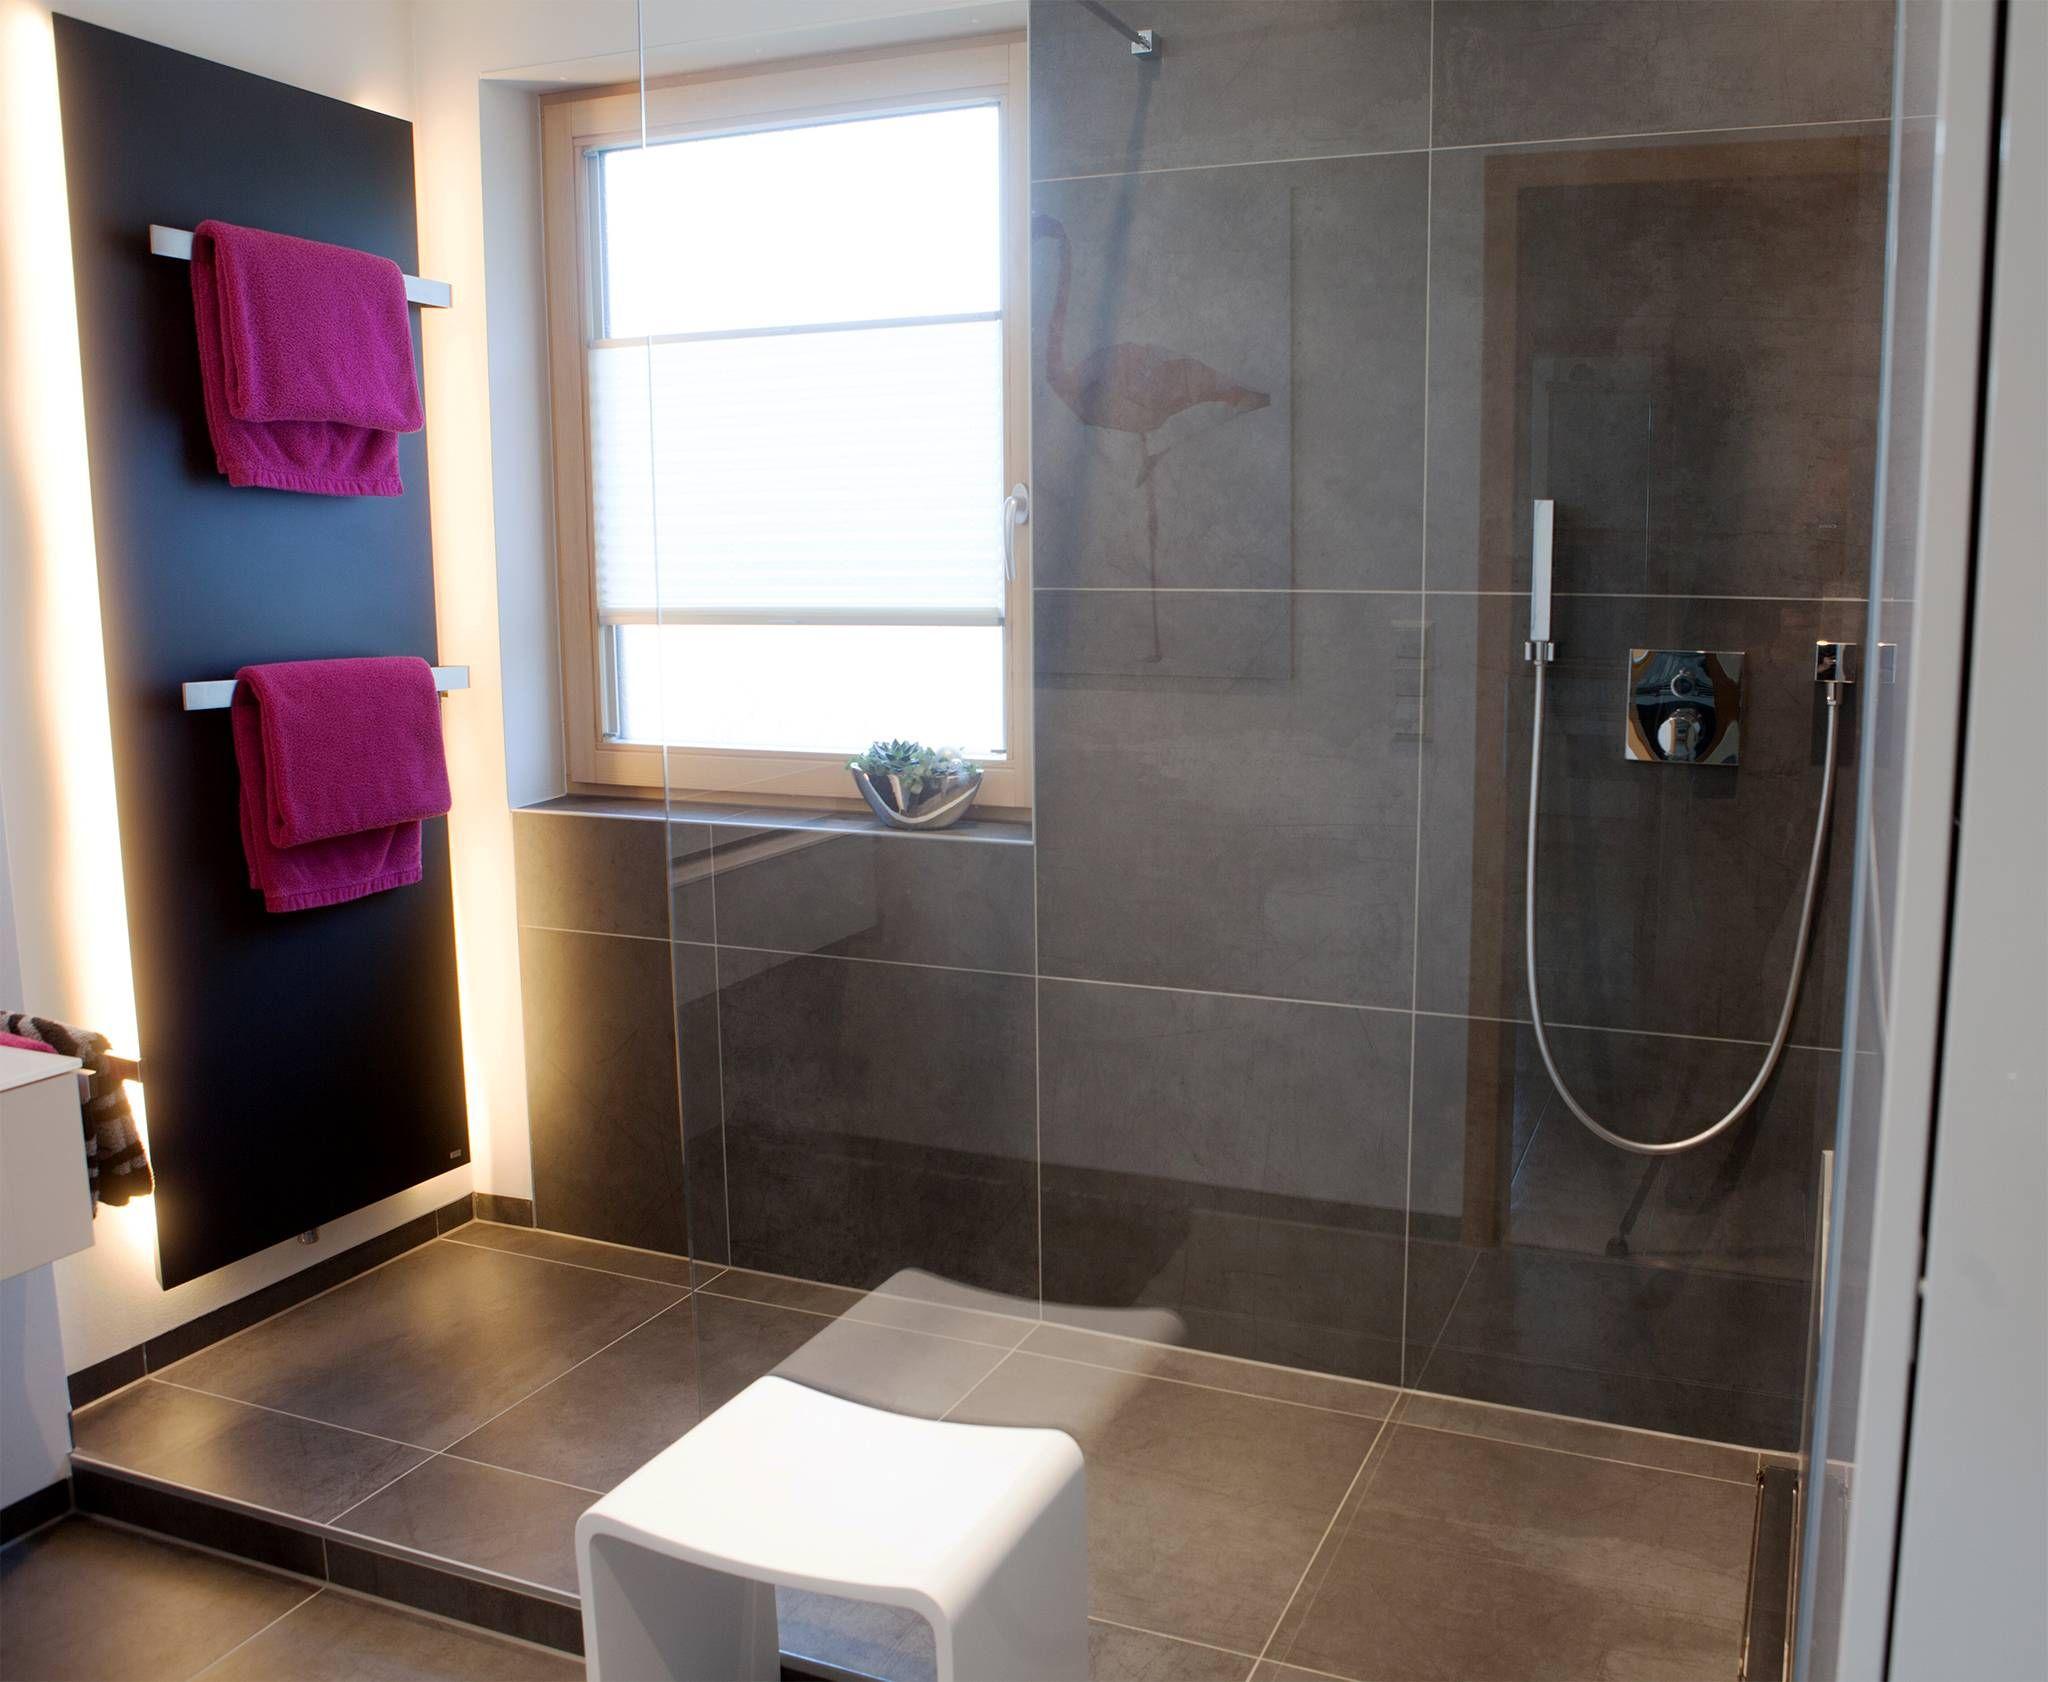 Große Dusche Mit Kleinem Podest